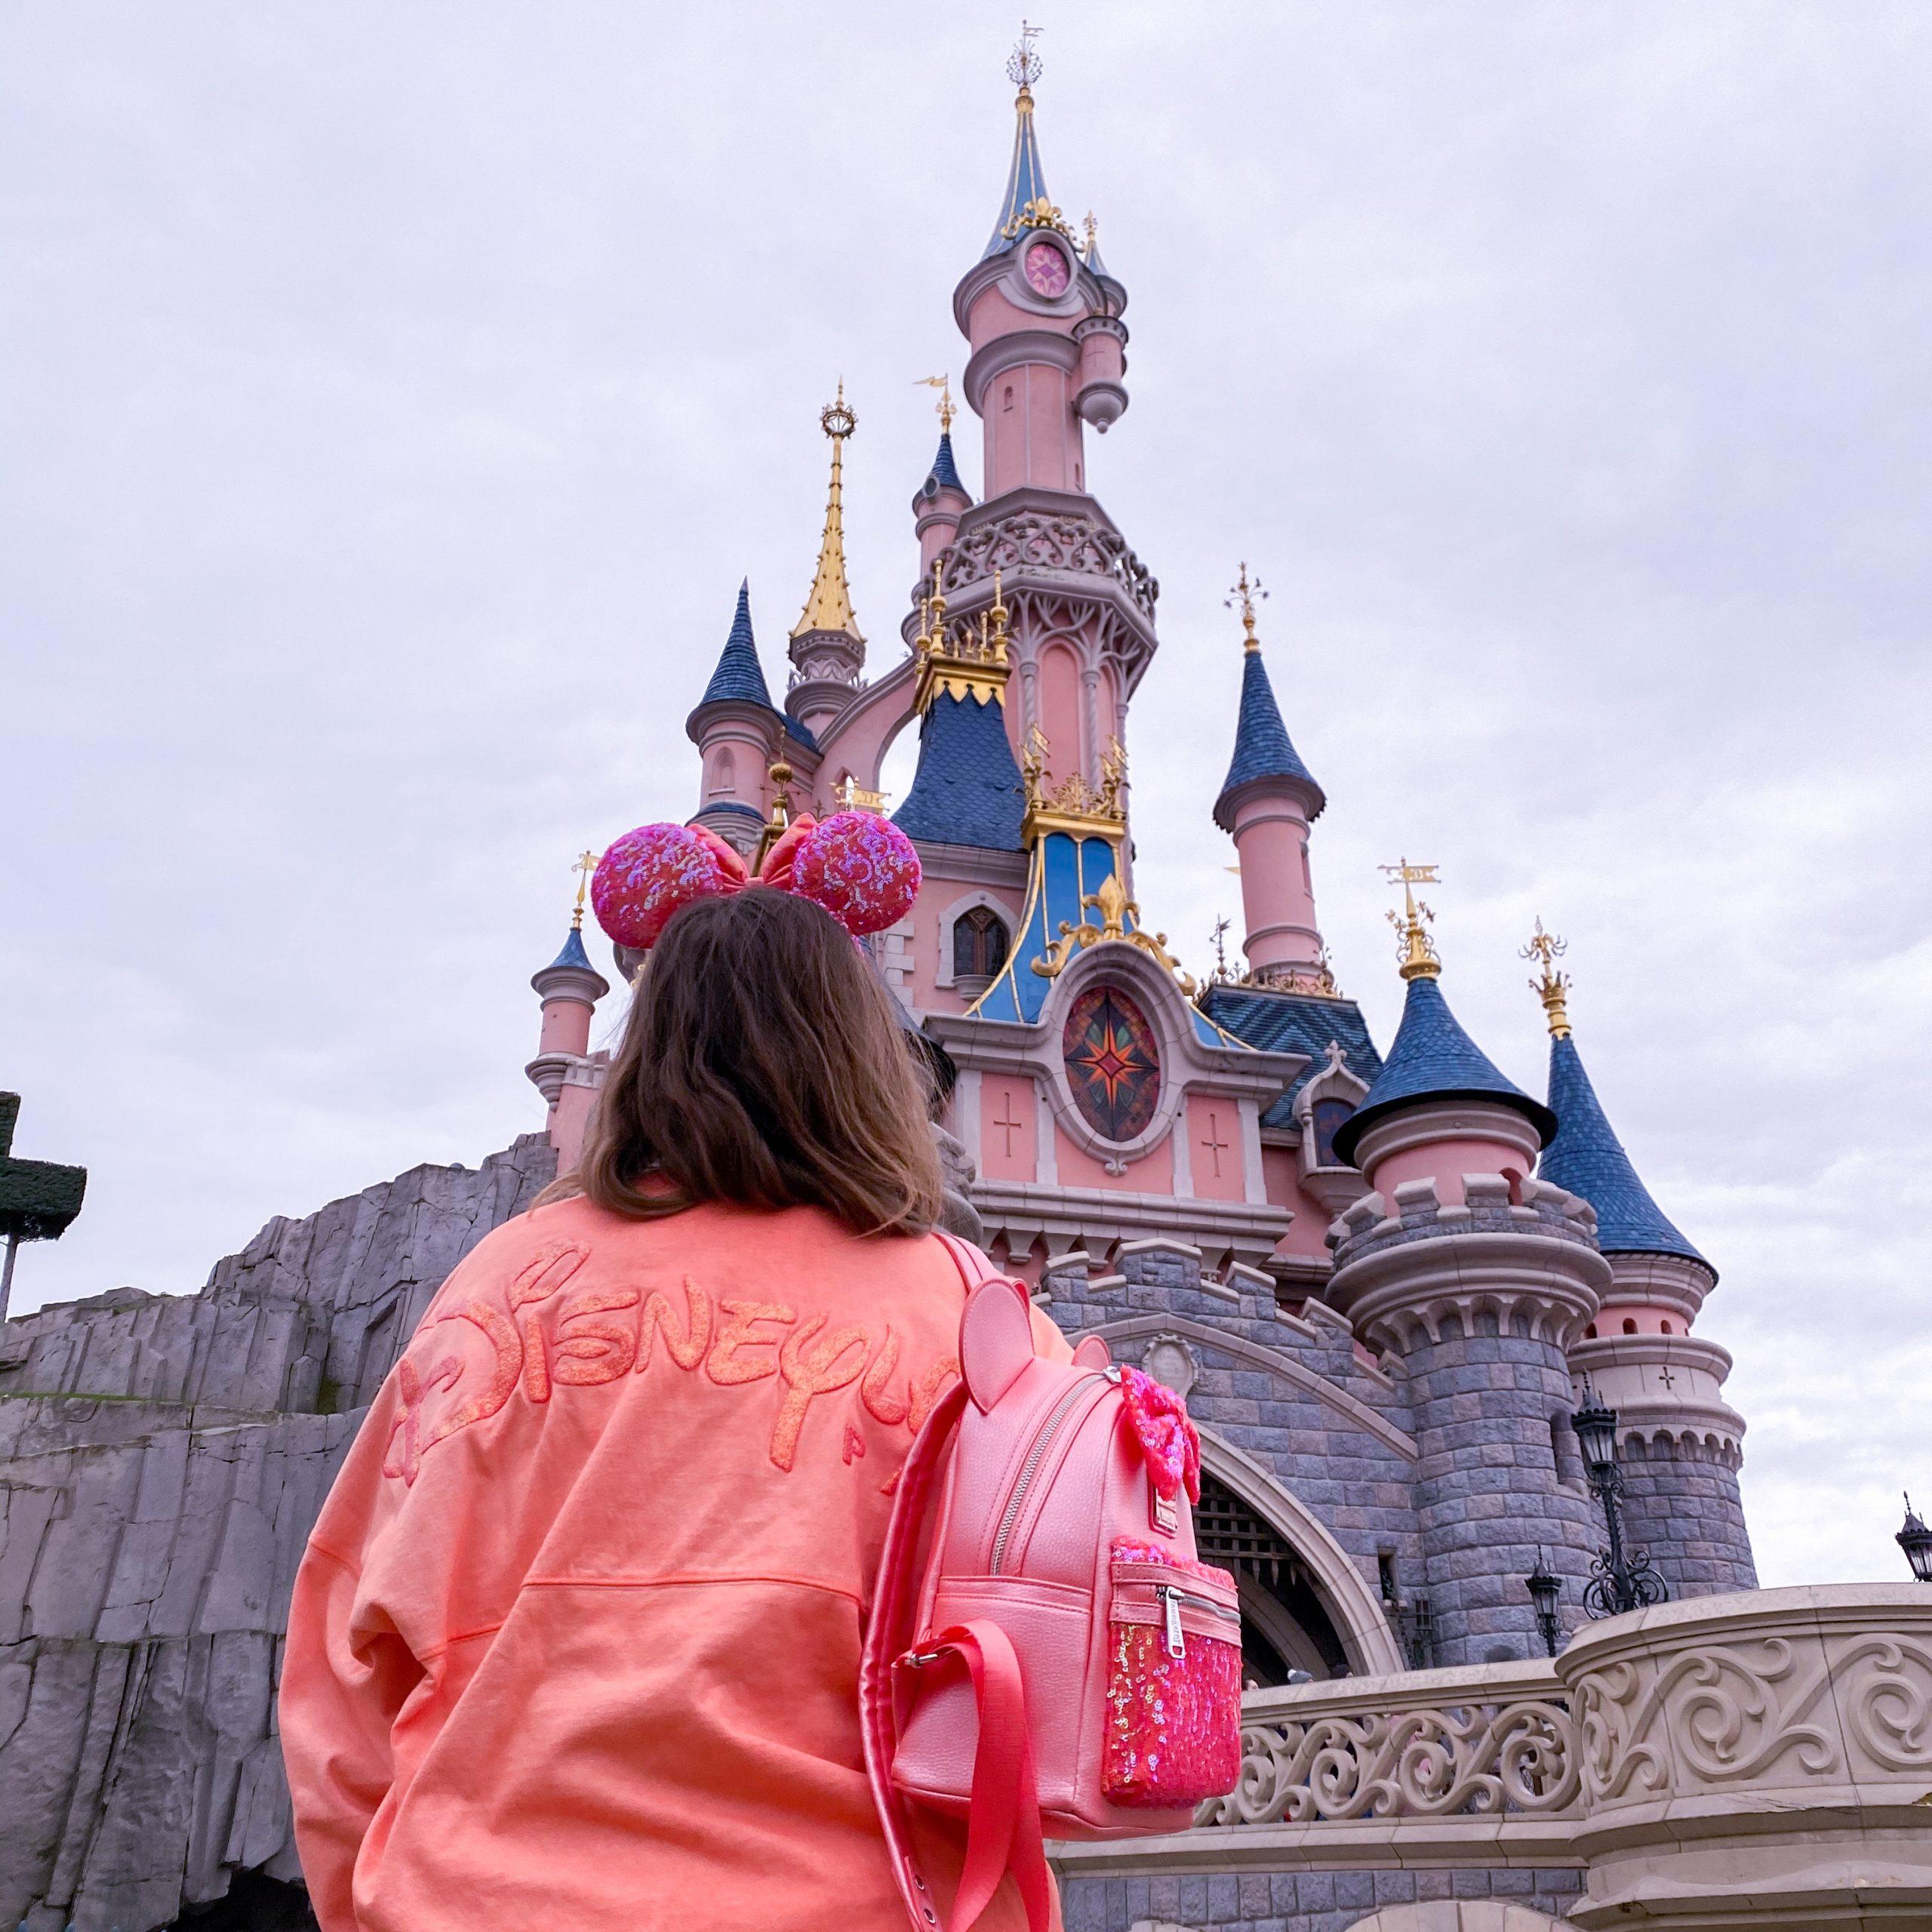 Ariel Grotto Coral look devant le château sac, oreilles et spirit jersey